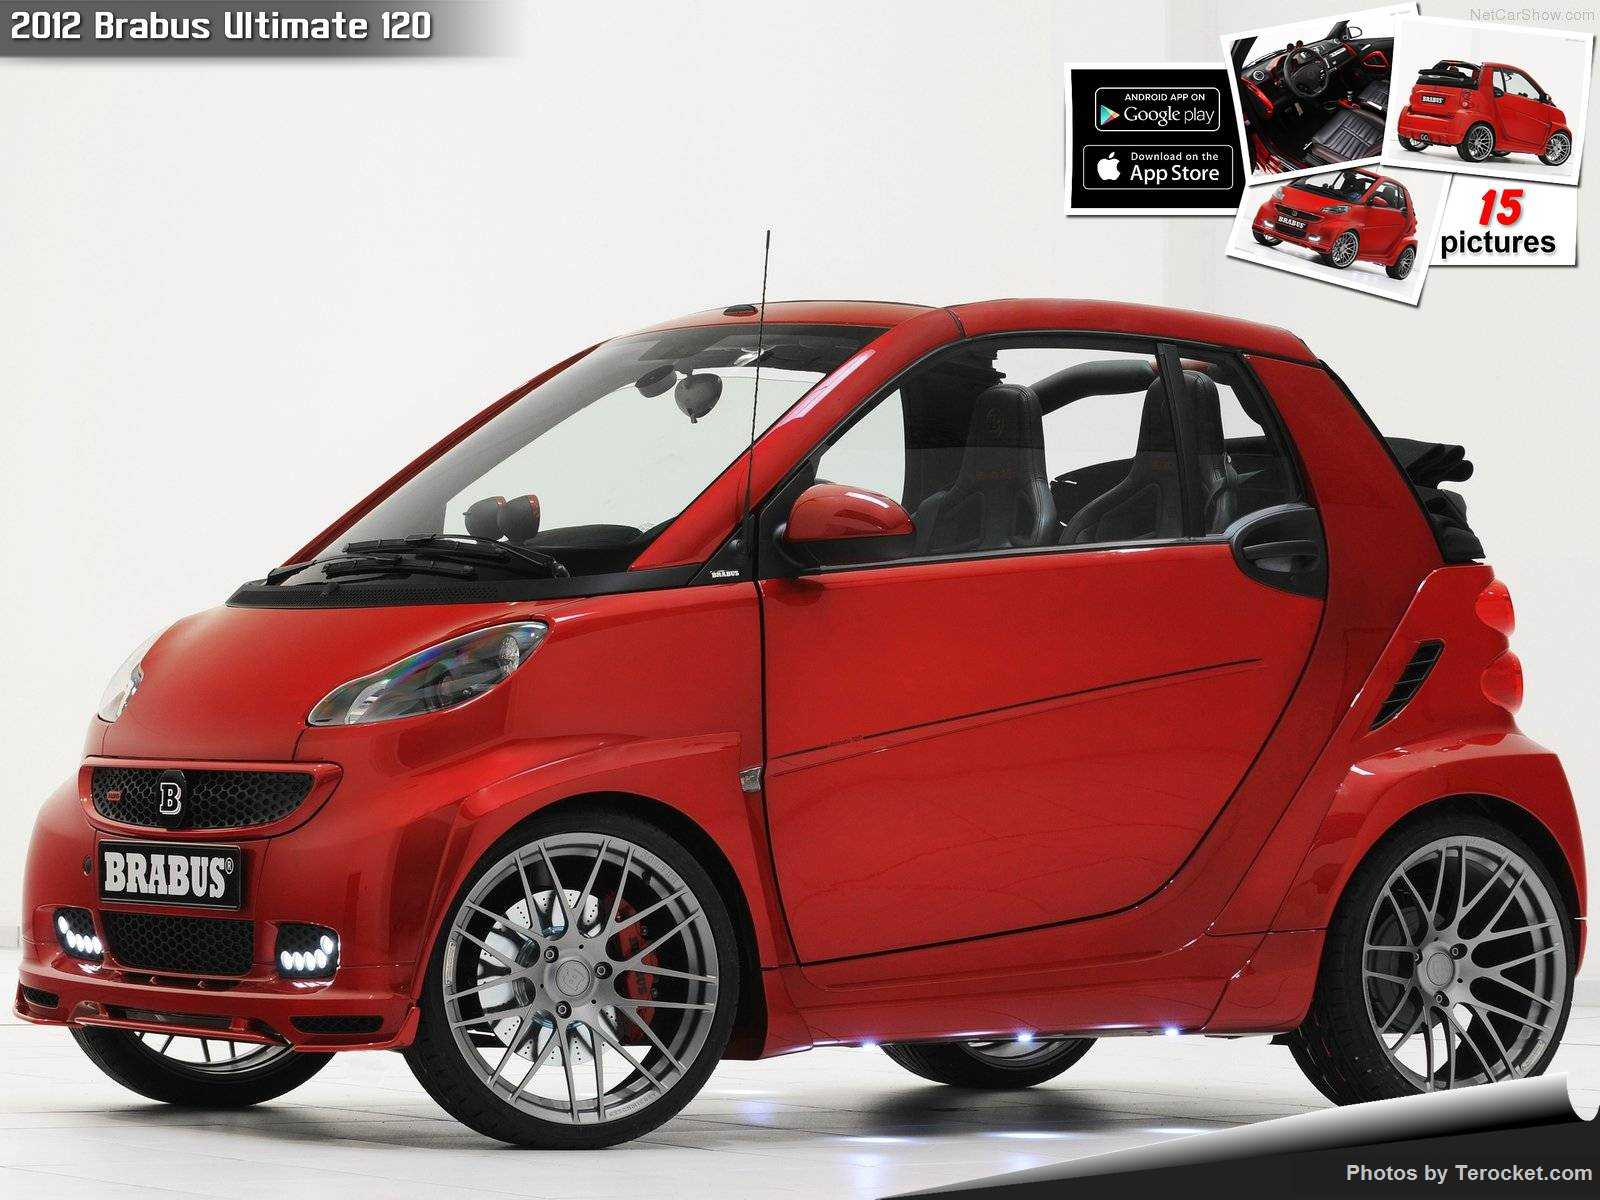 Hình ảnh xe ô tô Brabus Ultimate 120 2012 & nội ngoại thất